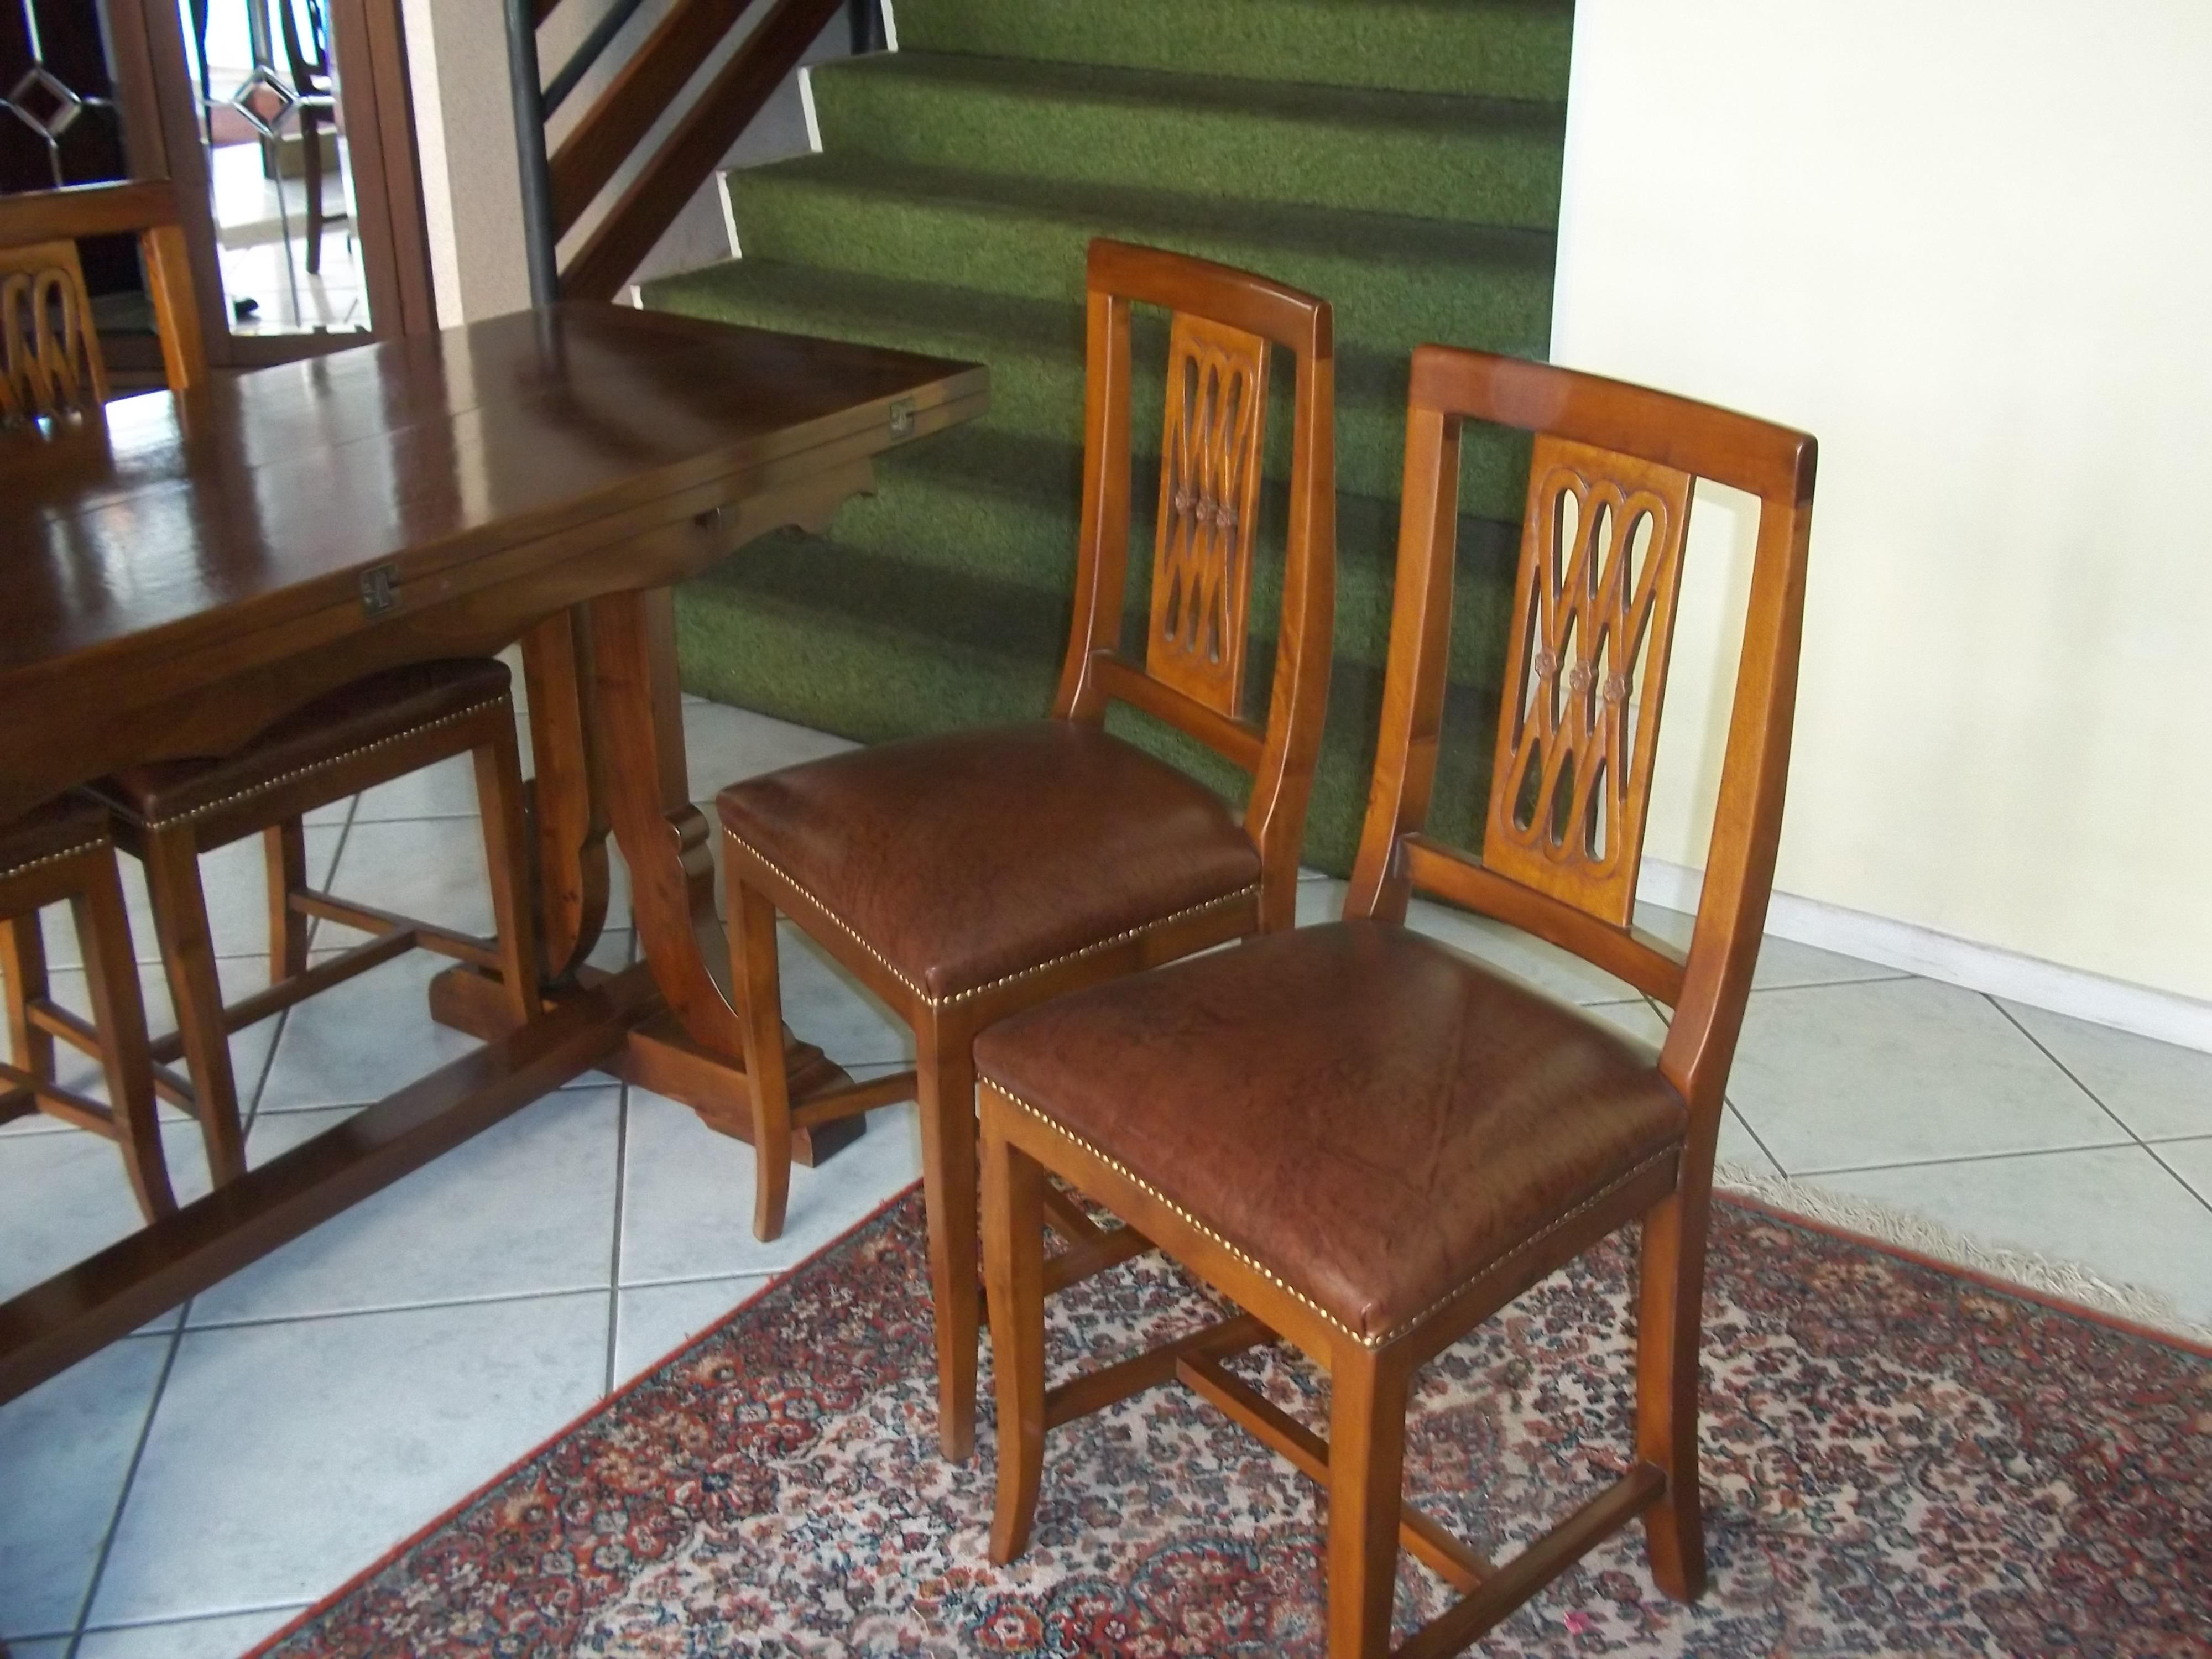 tavolo 4 sedie arte povera antiquariato a prezzi scontati